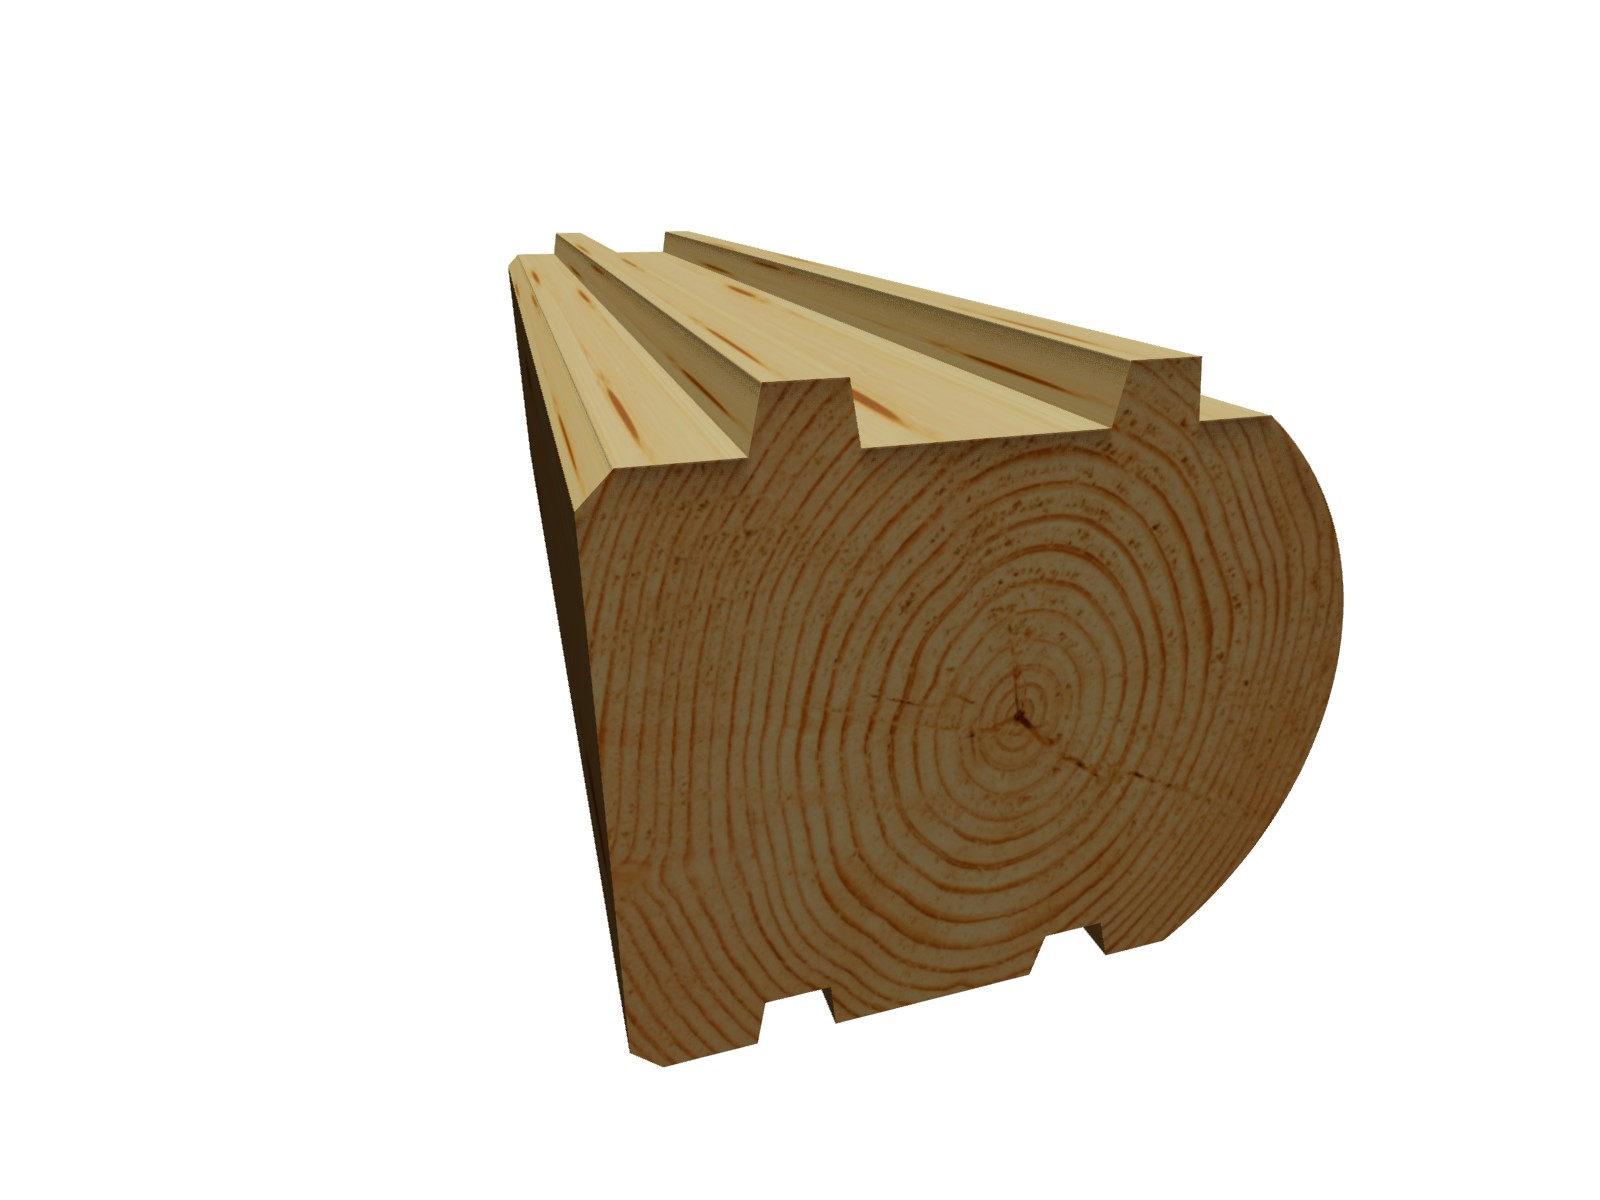 Блок-хаус брус 142х142х6000 мм сосна профиль: П-образный (шип-паз)